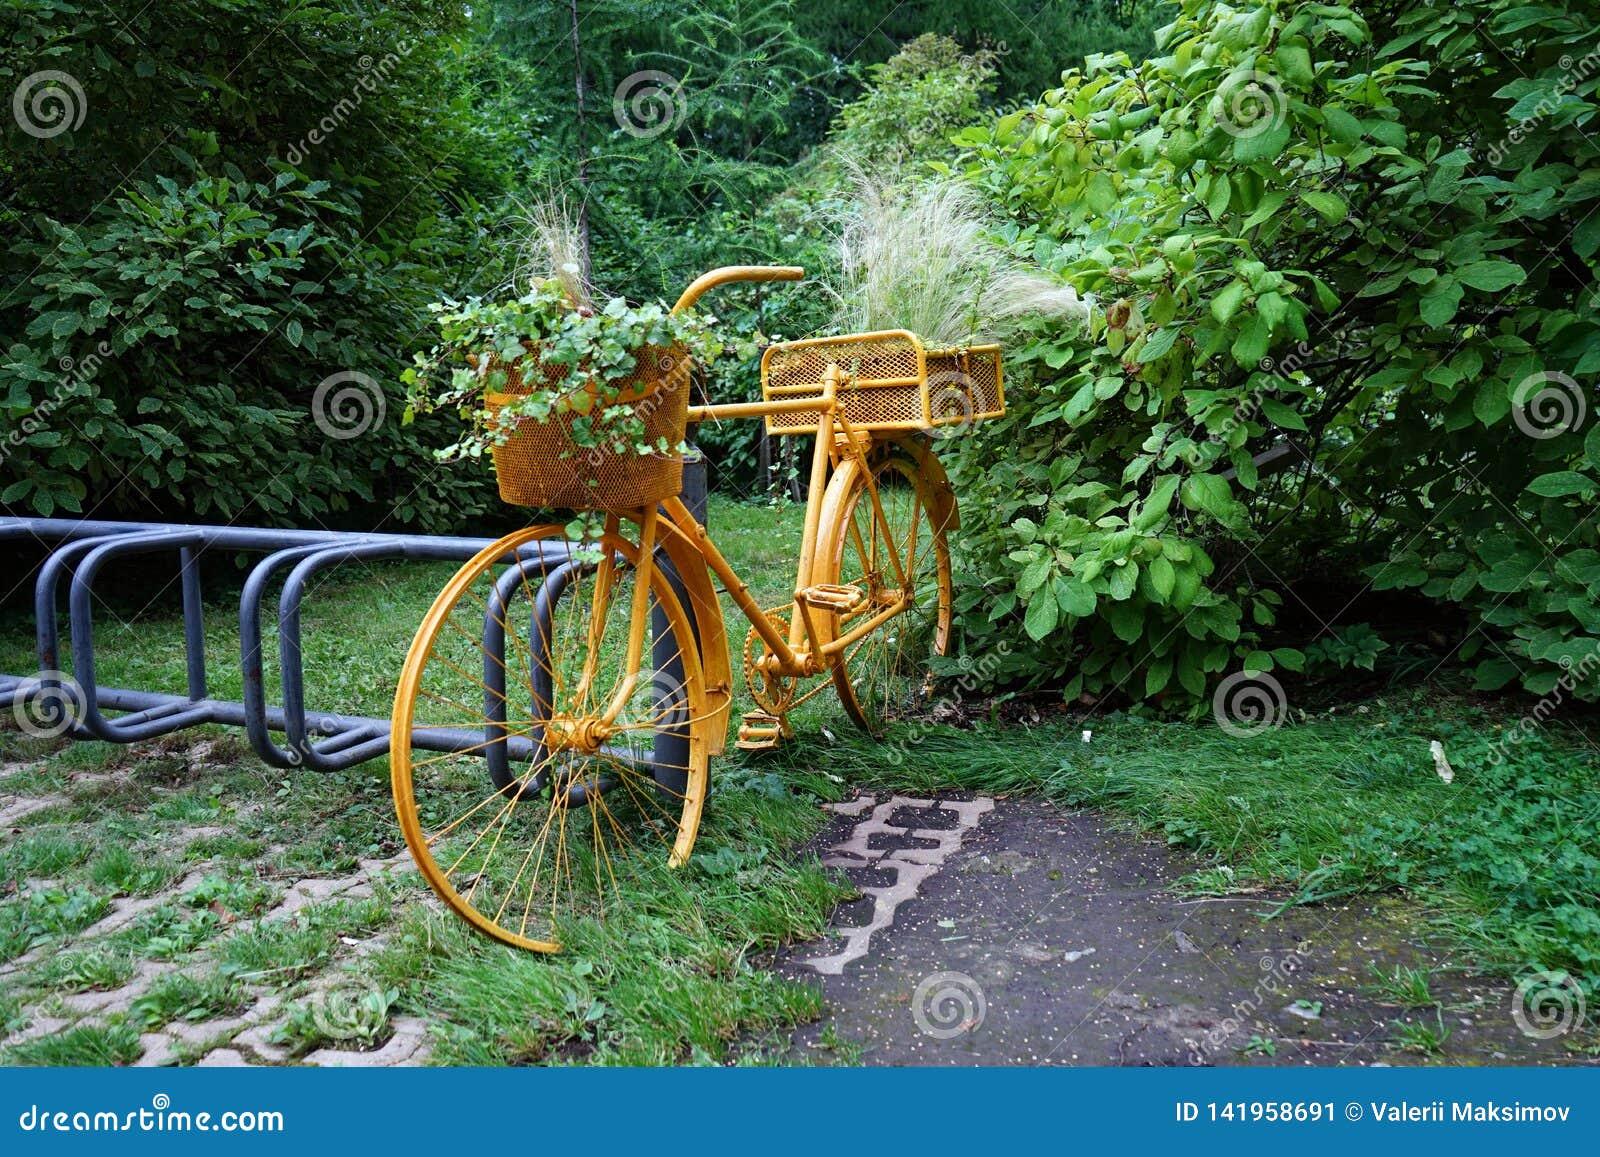 Желтый старый велосипед в парке с цветочными горшками